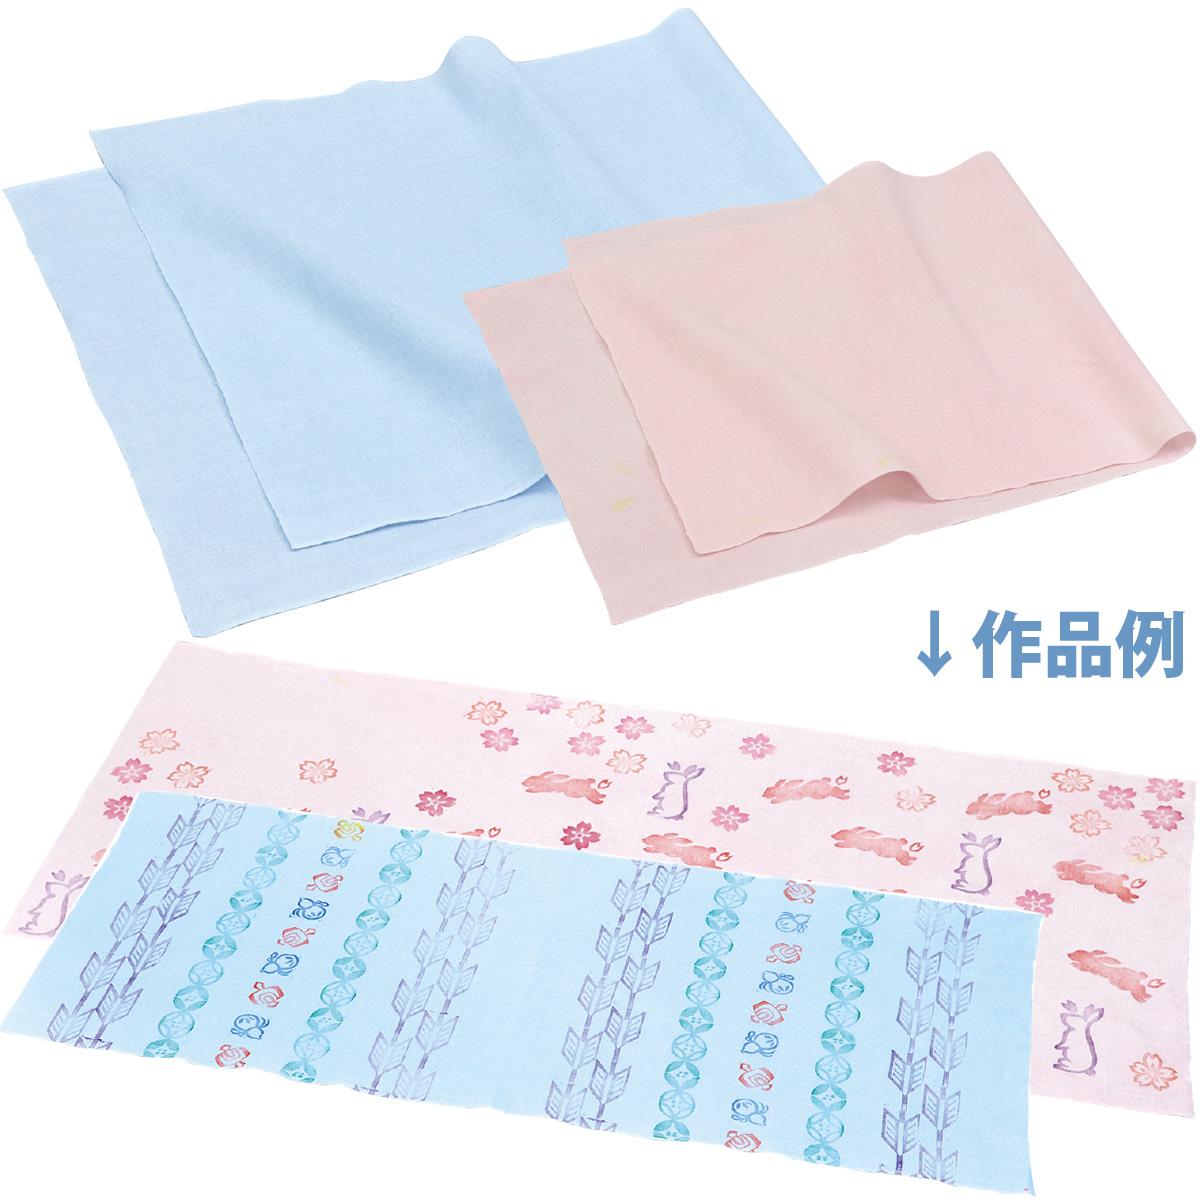 カラー てぬぐい 無地 さくら そら 340×900mm 体育祭グッズ 運動会 衣装 手ぬぐい 手拭い 日本製 かわいい おしゃれ